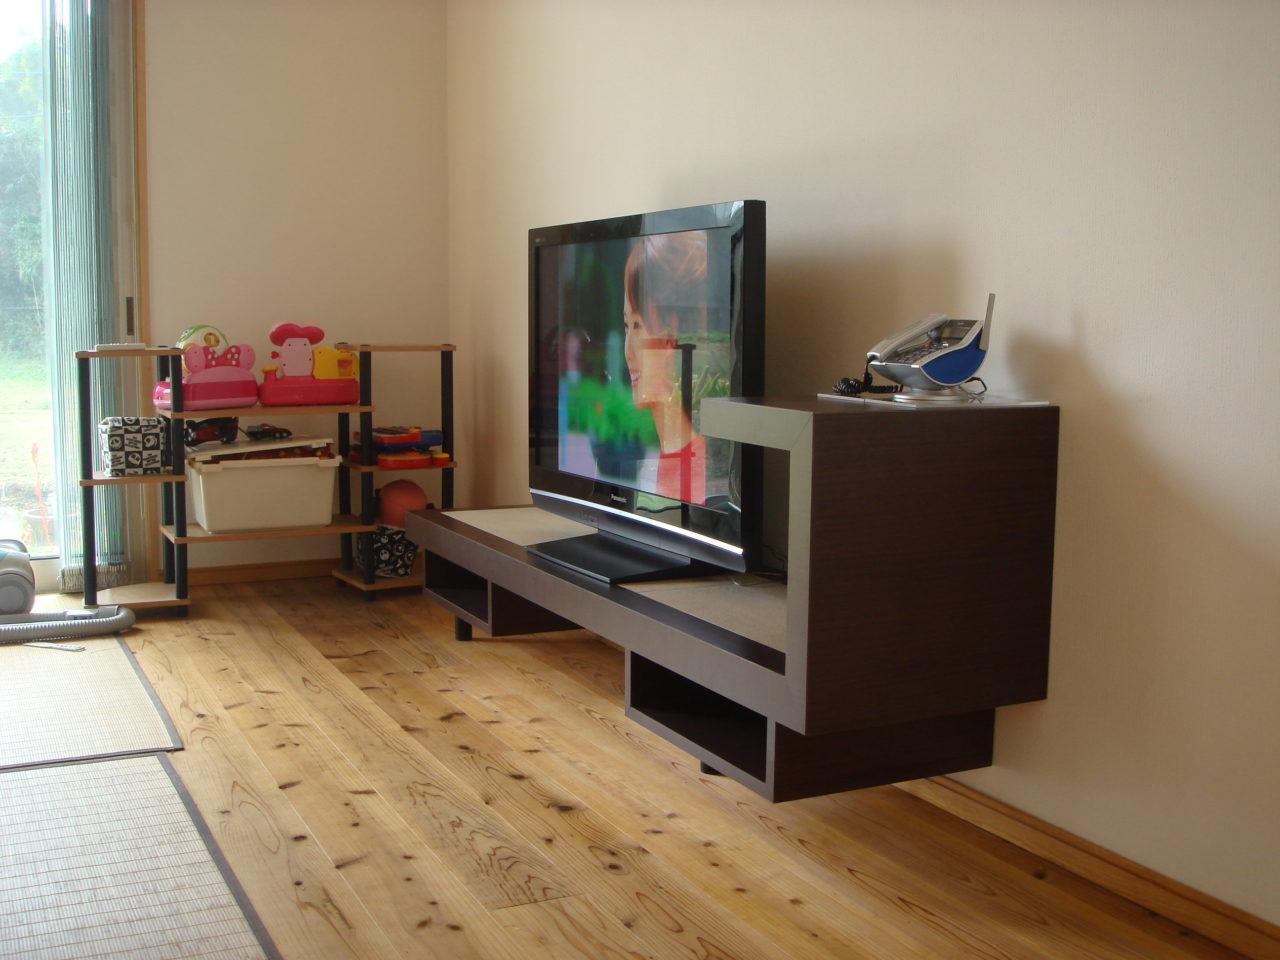 オリジナルのテレビボード